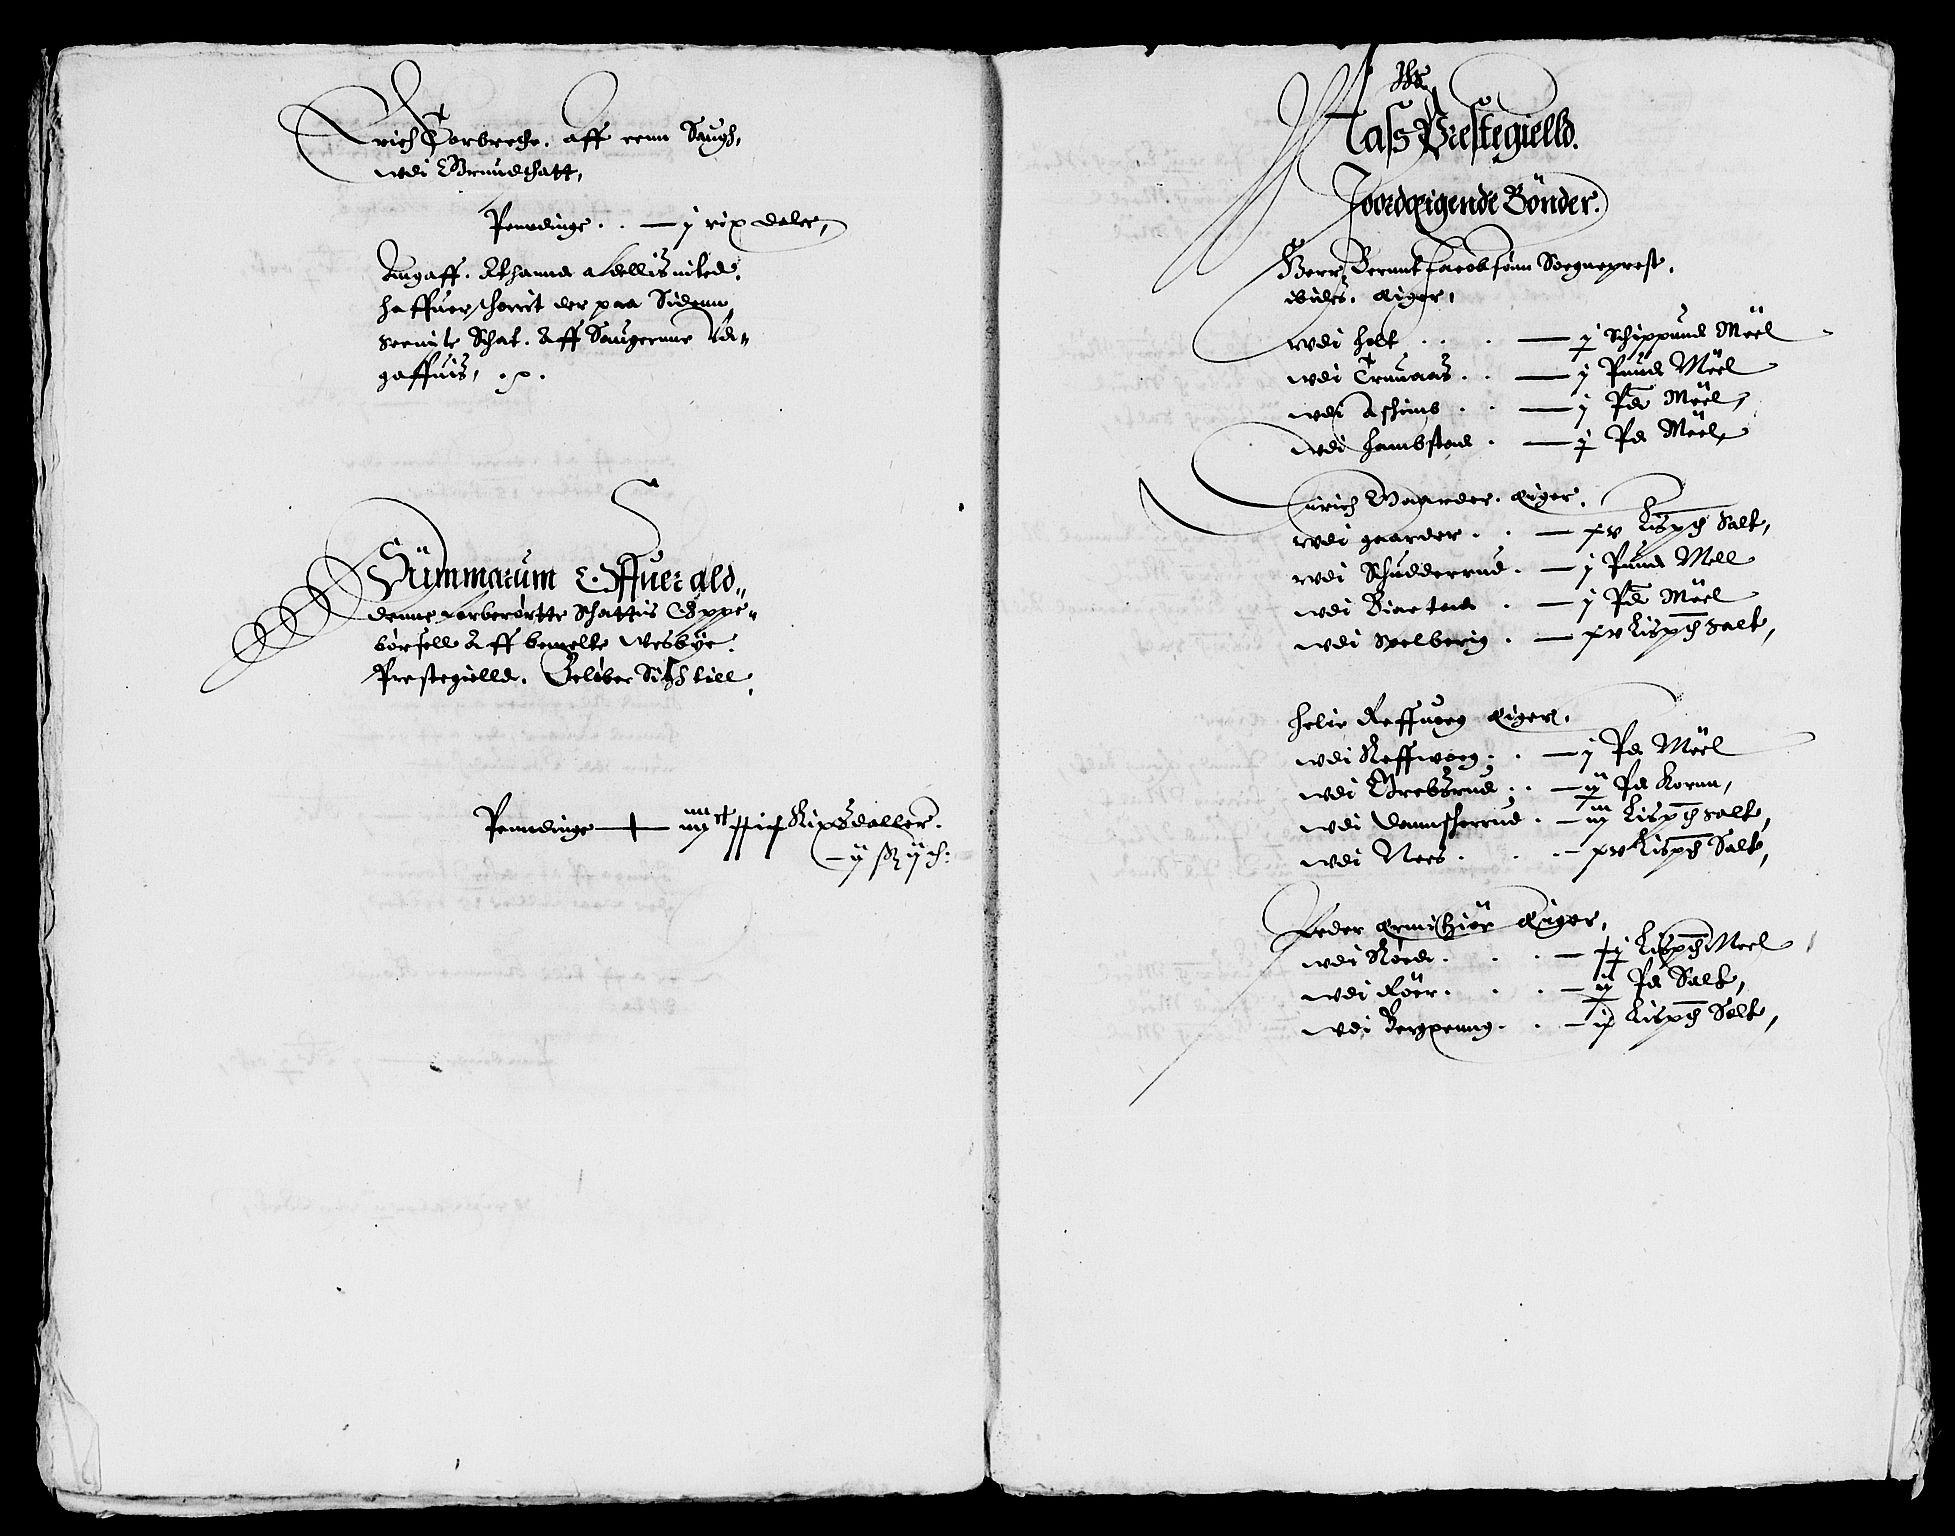 RA, Rentekammeret inntil 1814, Reviderte regnskaper, Lensregnskaper, R/Rb/Rba/L0096: Akershus len, 1629-1630